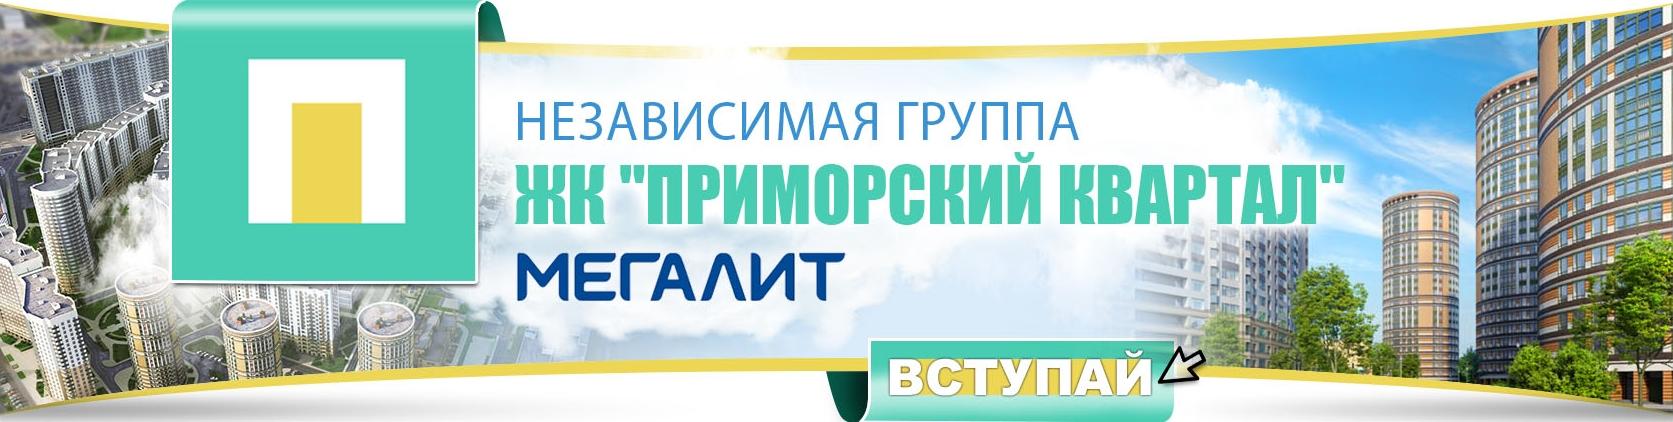 Квартиры в ЖК Приморский квартал Мегалит официальный сайт отзывы СПб, метро Пионерская, Приморский район, фото обложки